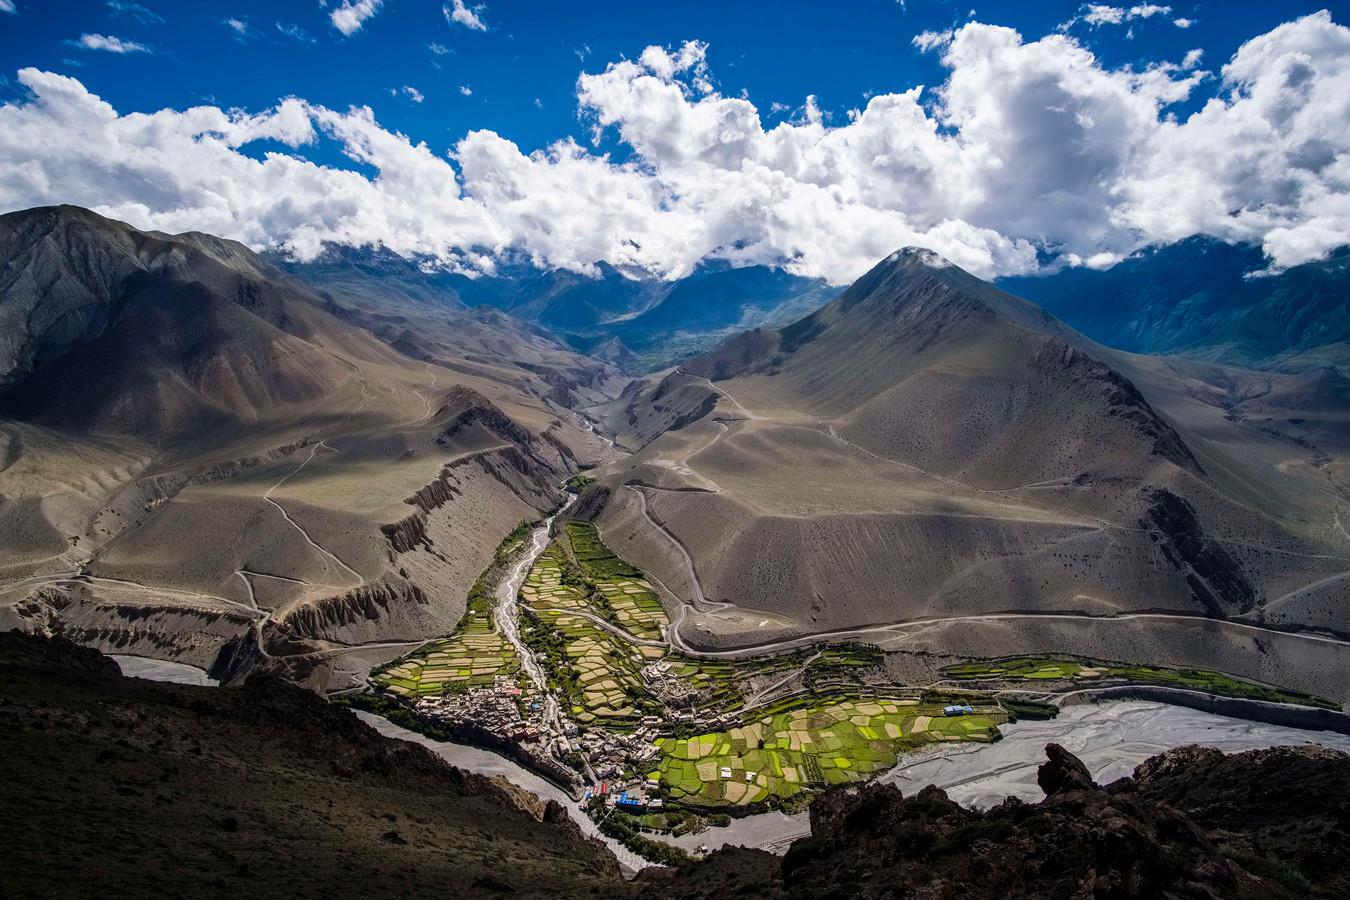 Het Tibetaans plateau. China heeft een claim gelegd op deze belangrijkste zoetwaterbron op aarde.